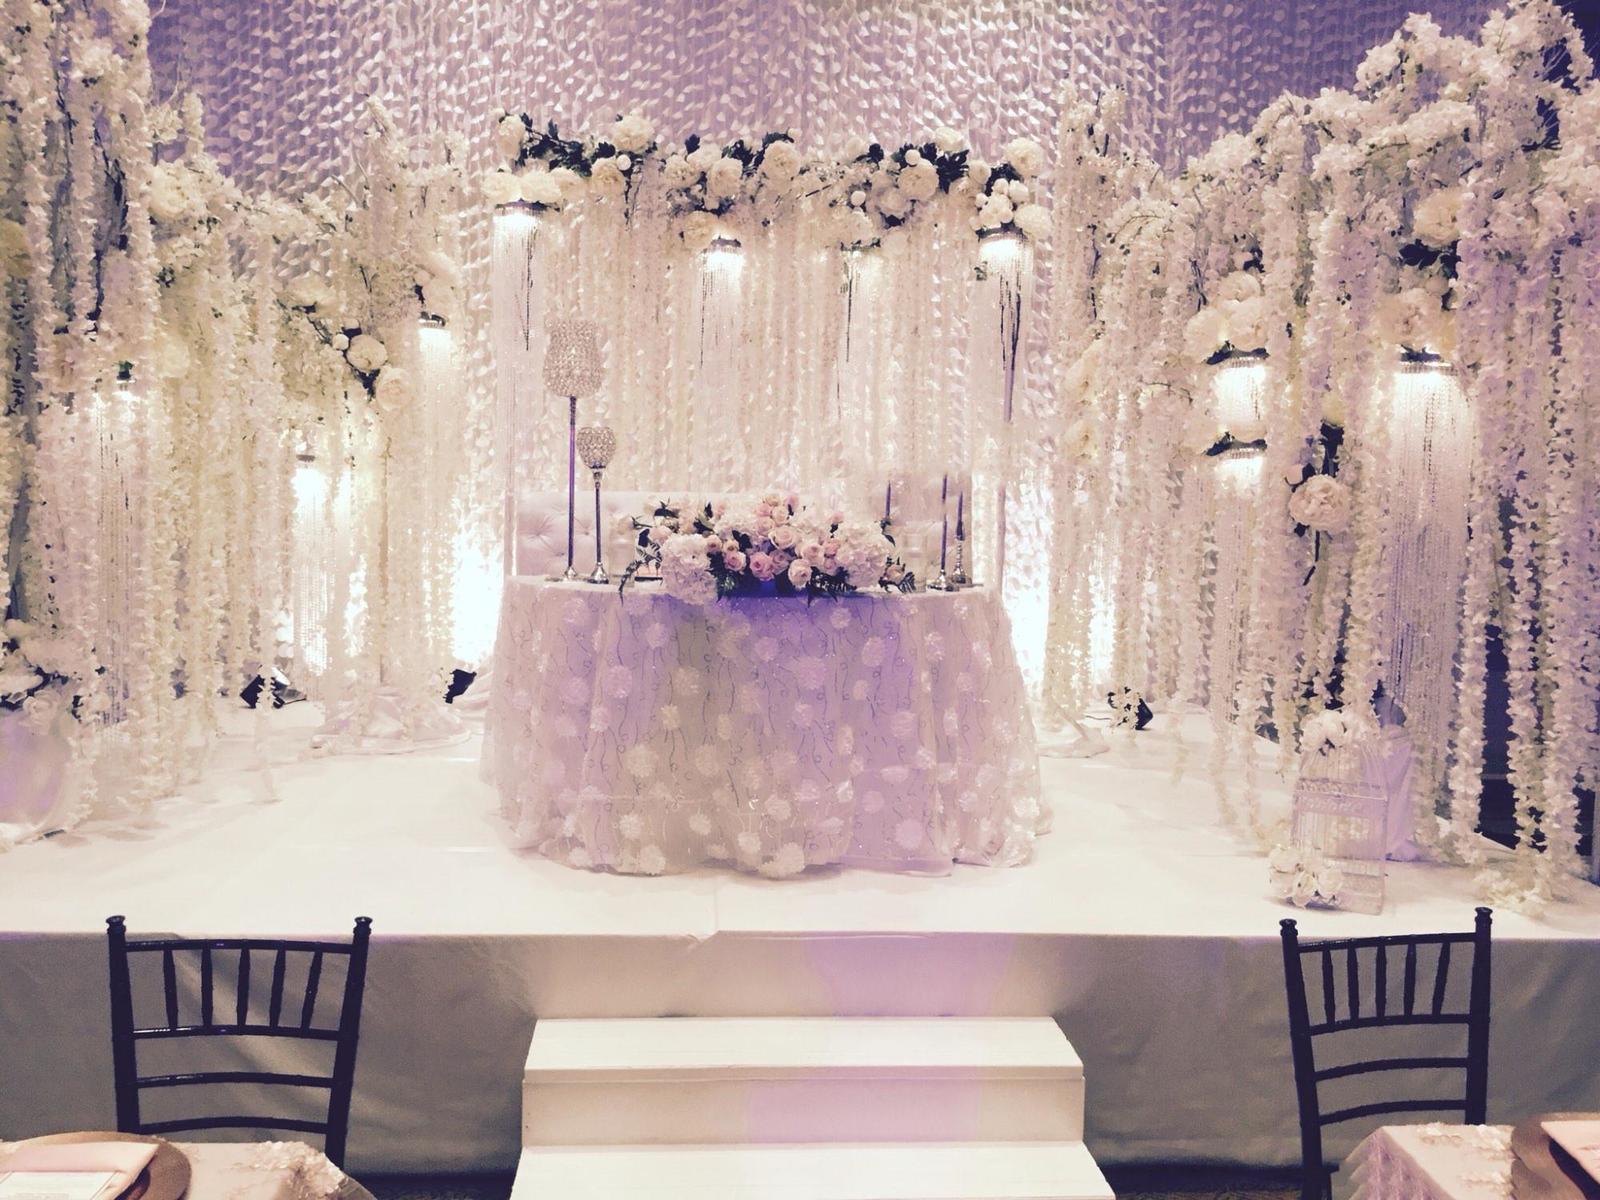 100cm Orchidée artificielle cordes vigne fleurs de soie artificielle Wisteria jardin Tenture Party Decoration de mariage en rotin Fournitures Props